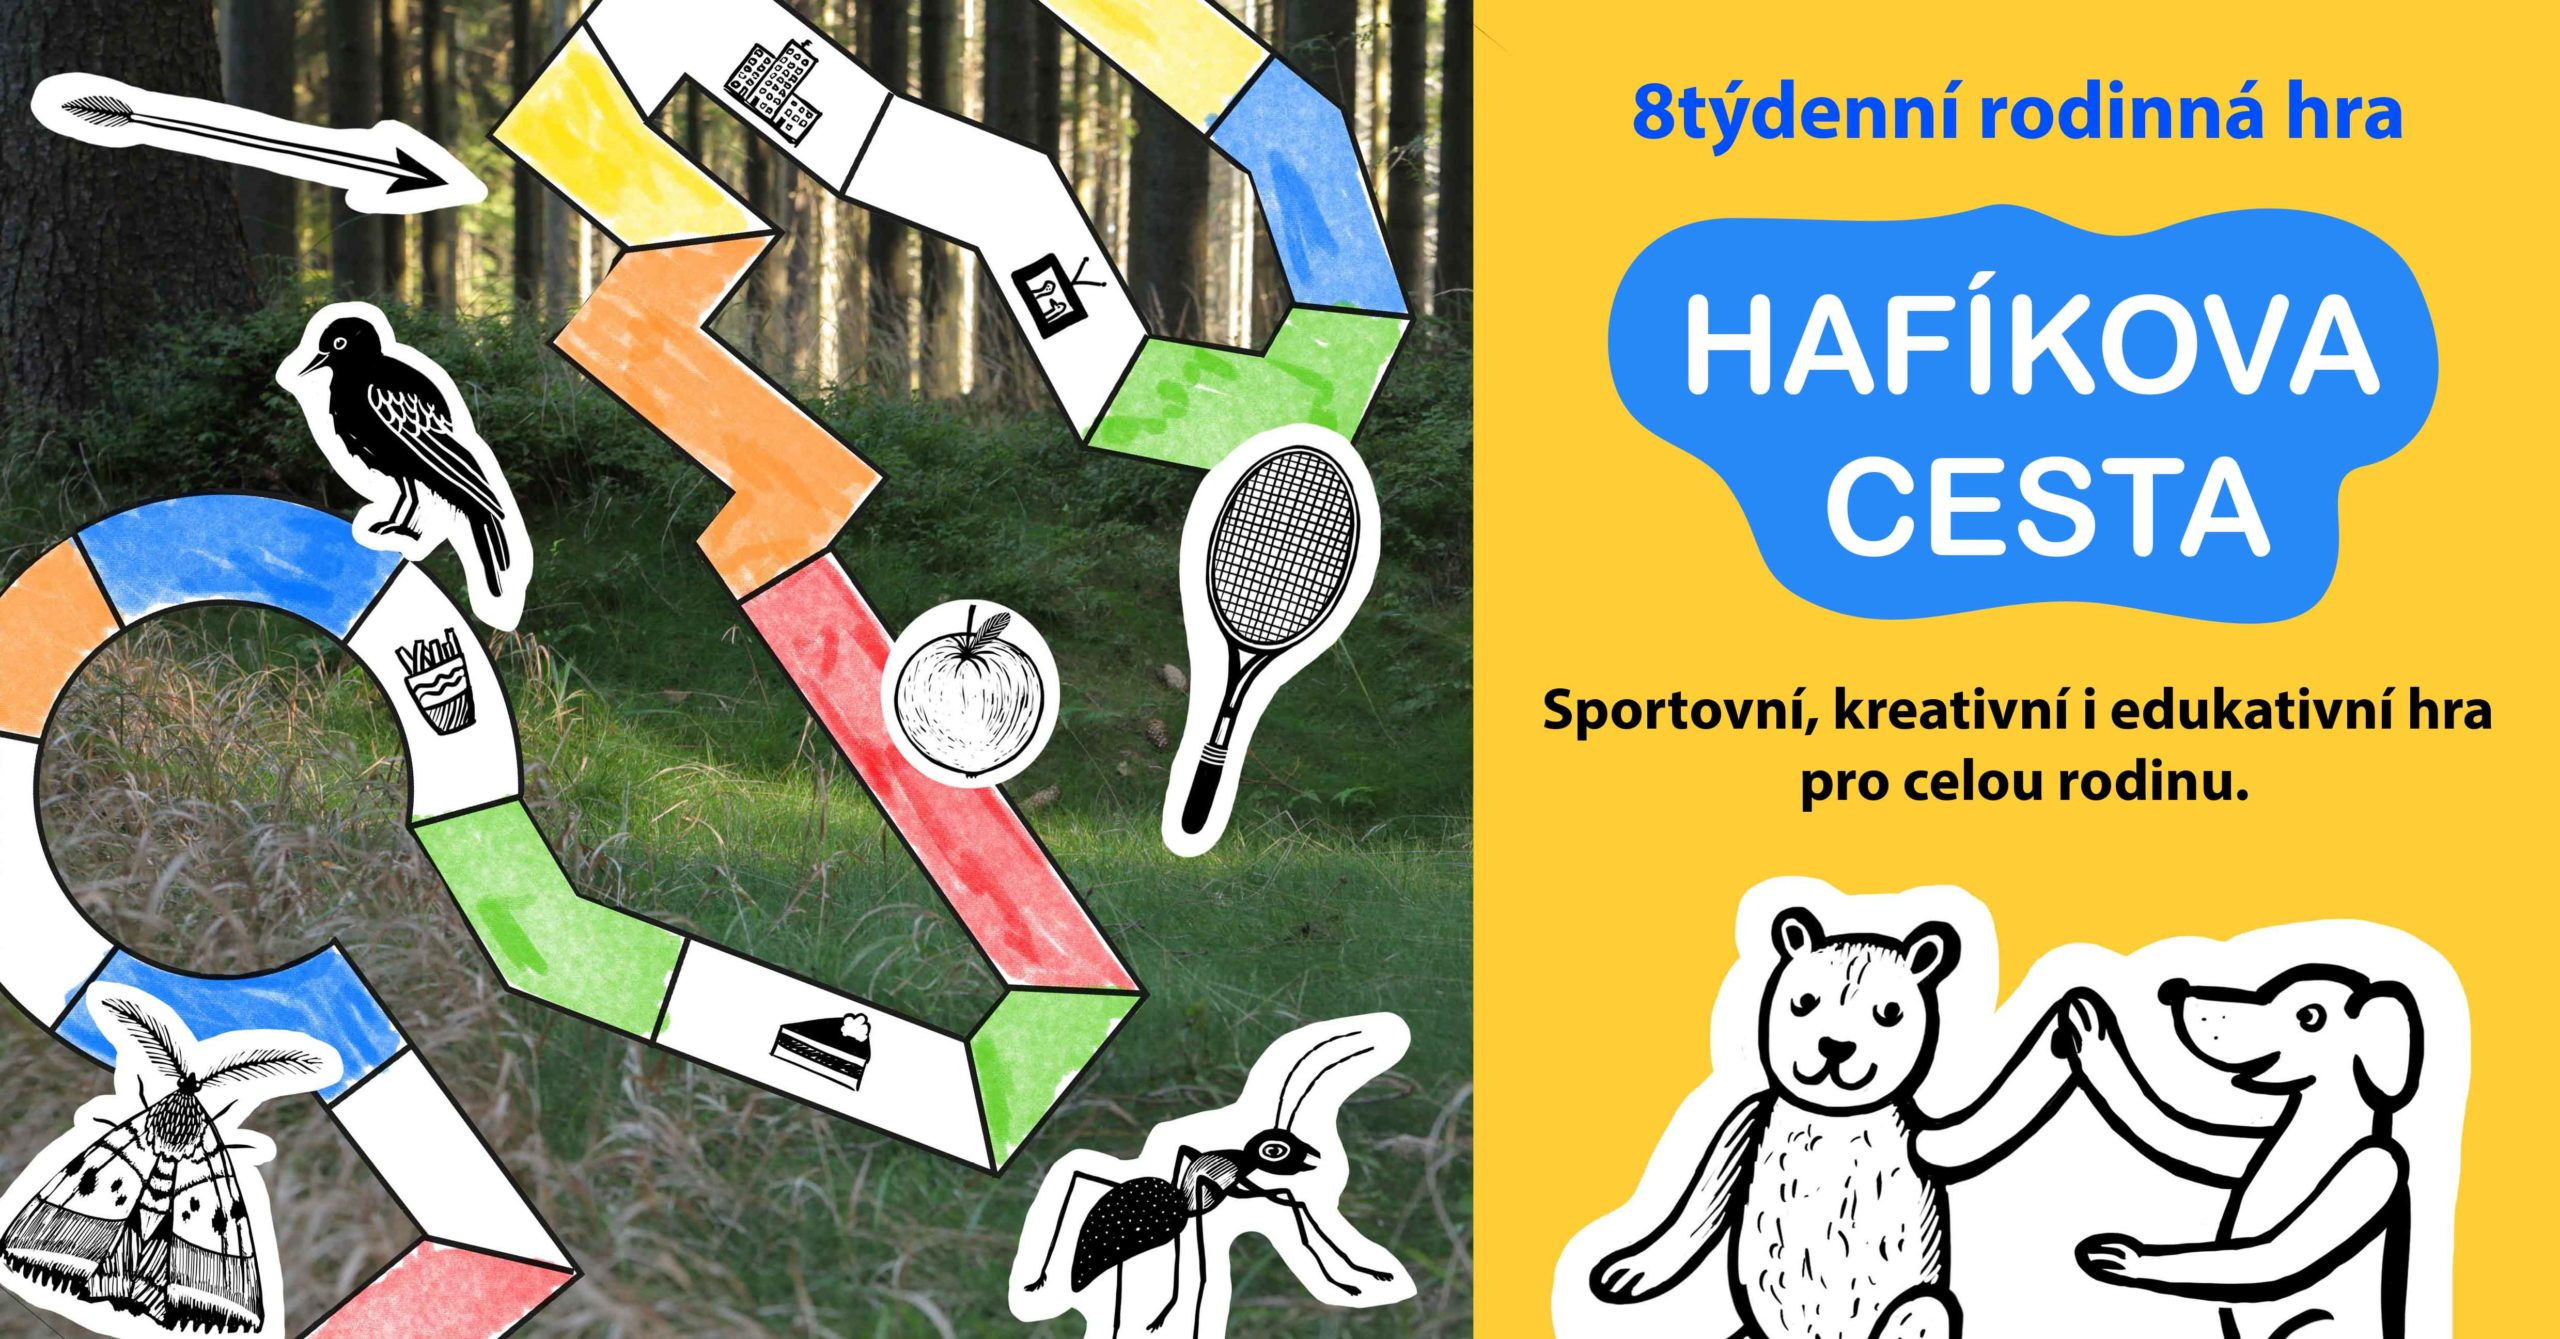 Hafíkova cesta_bannerC